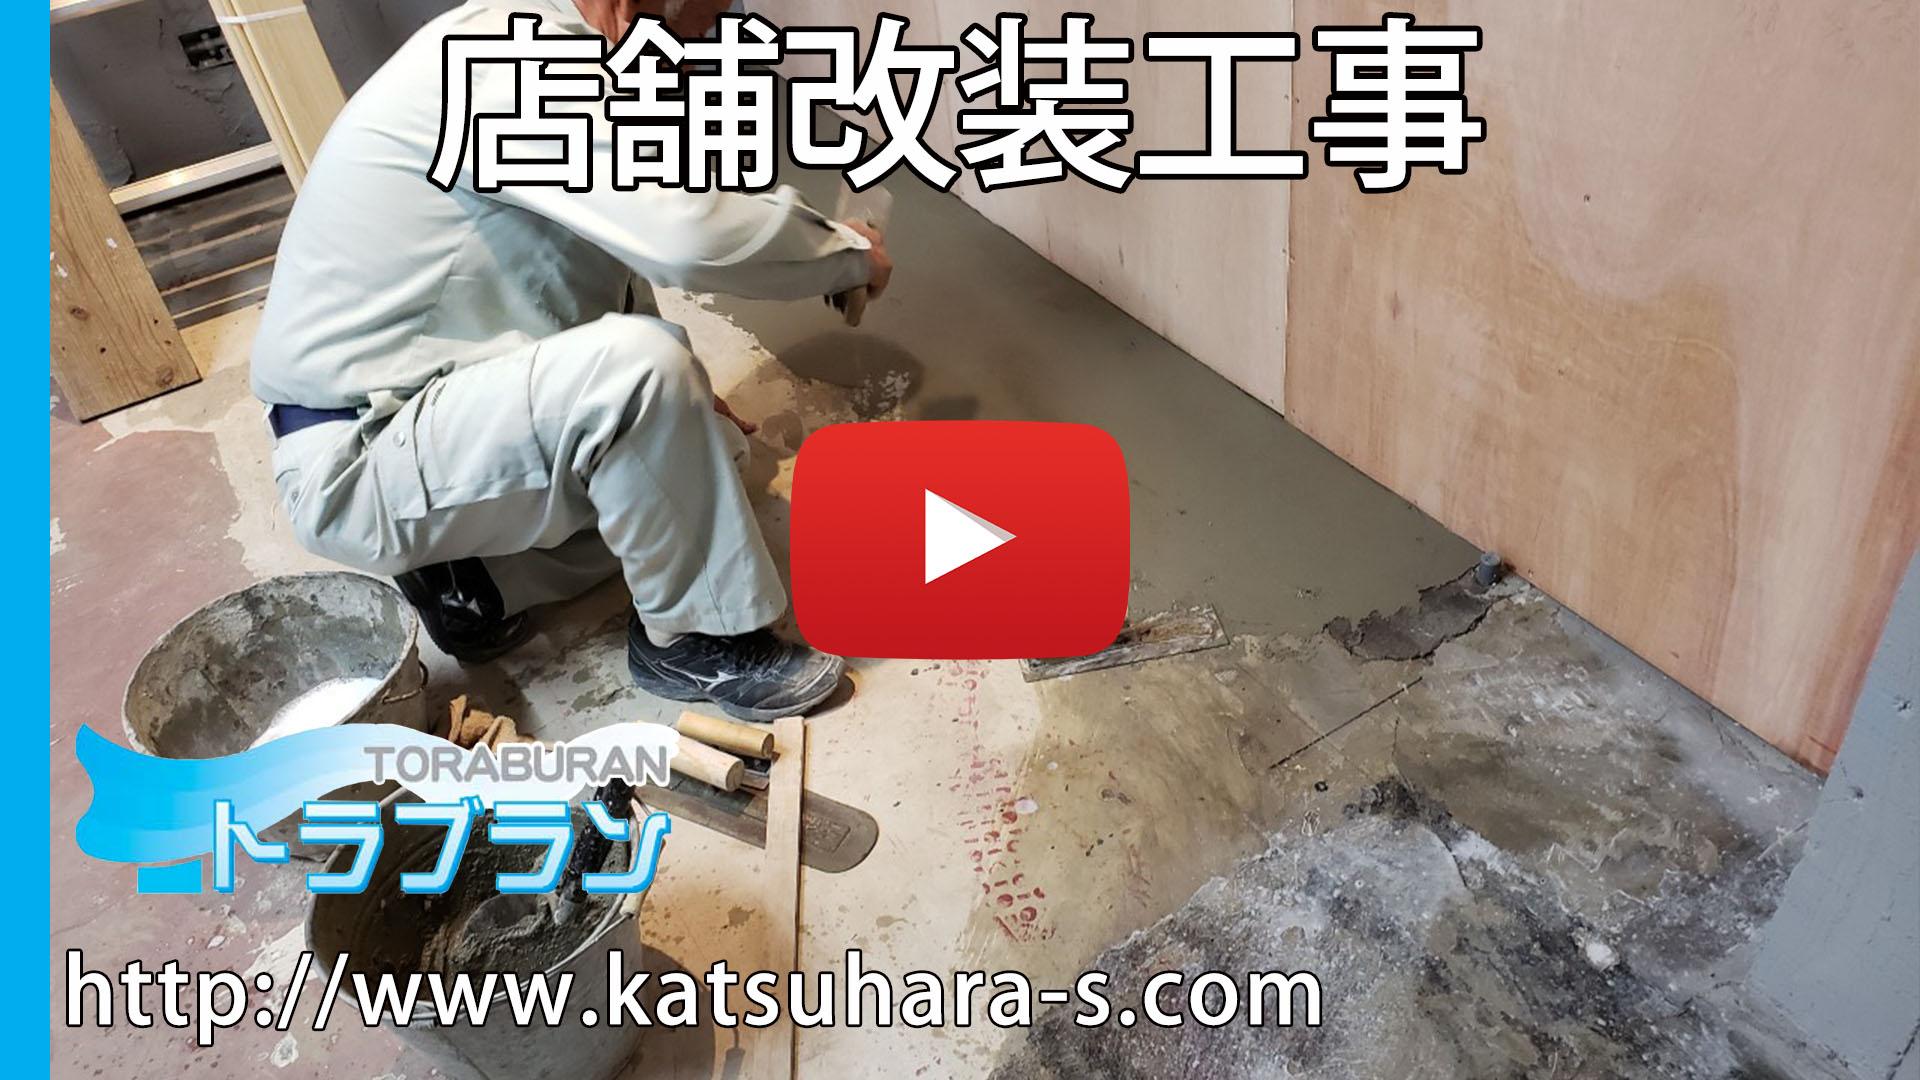 店舗改装工事 リフォーム 新装開店 神戸市 トラブラン